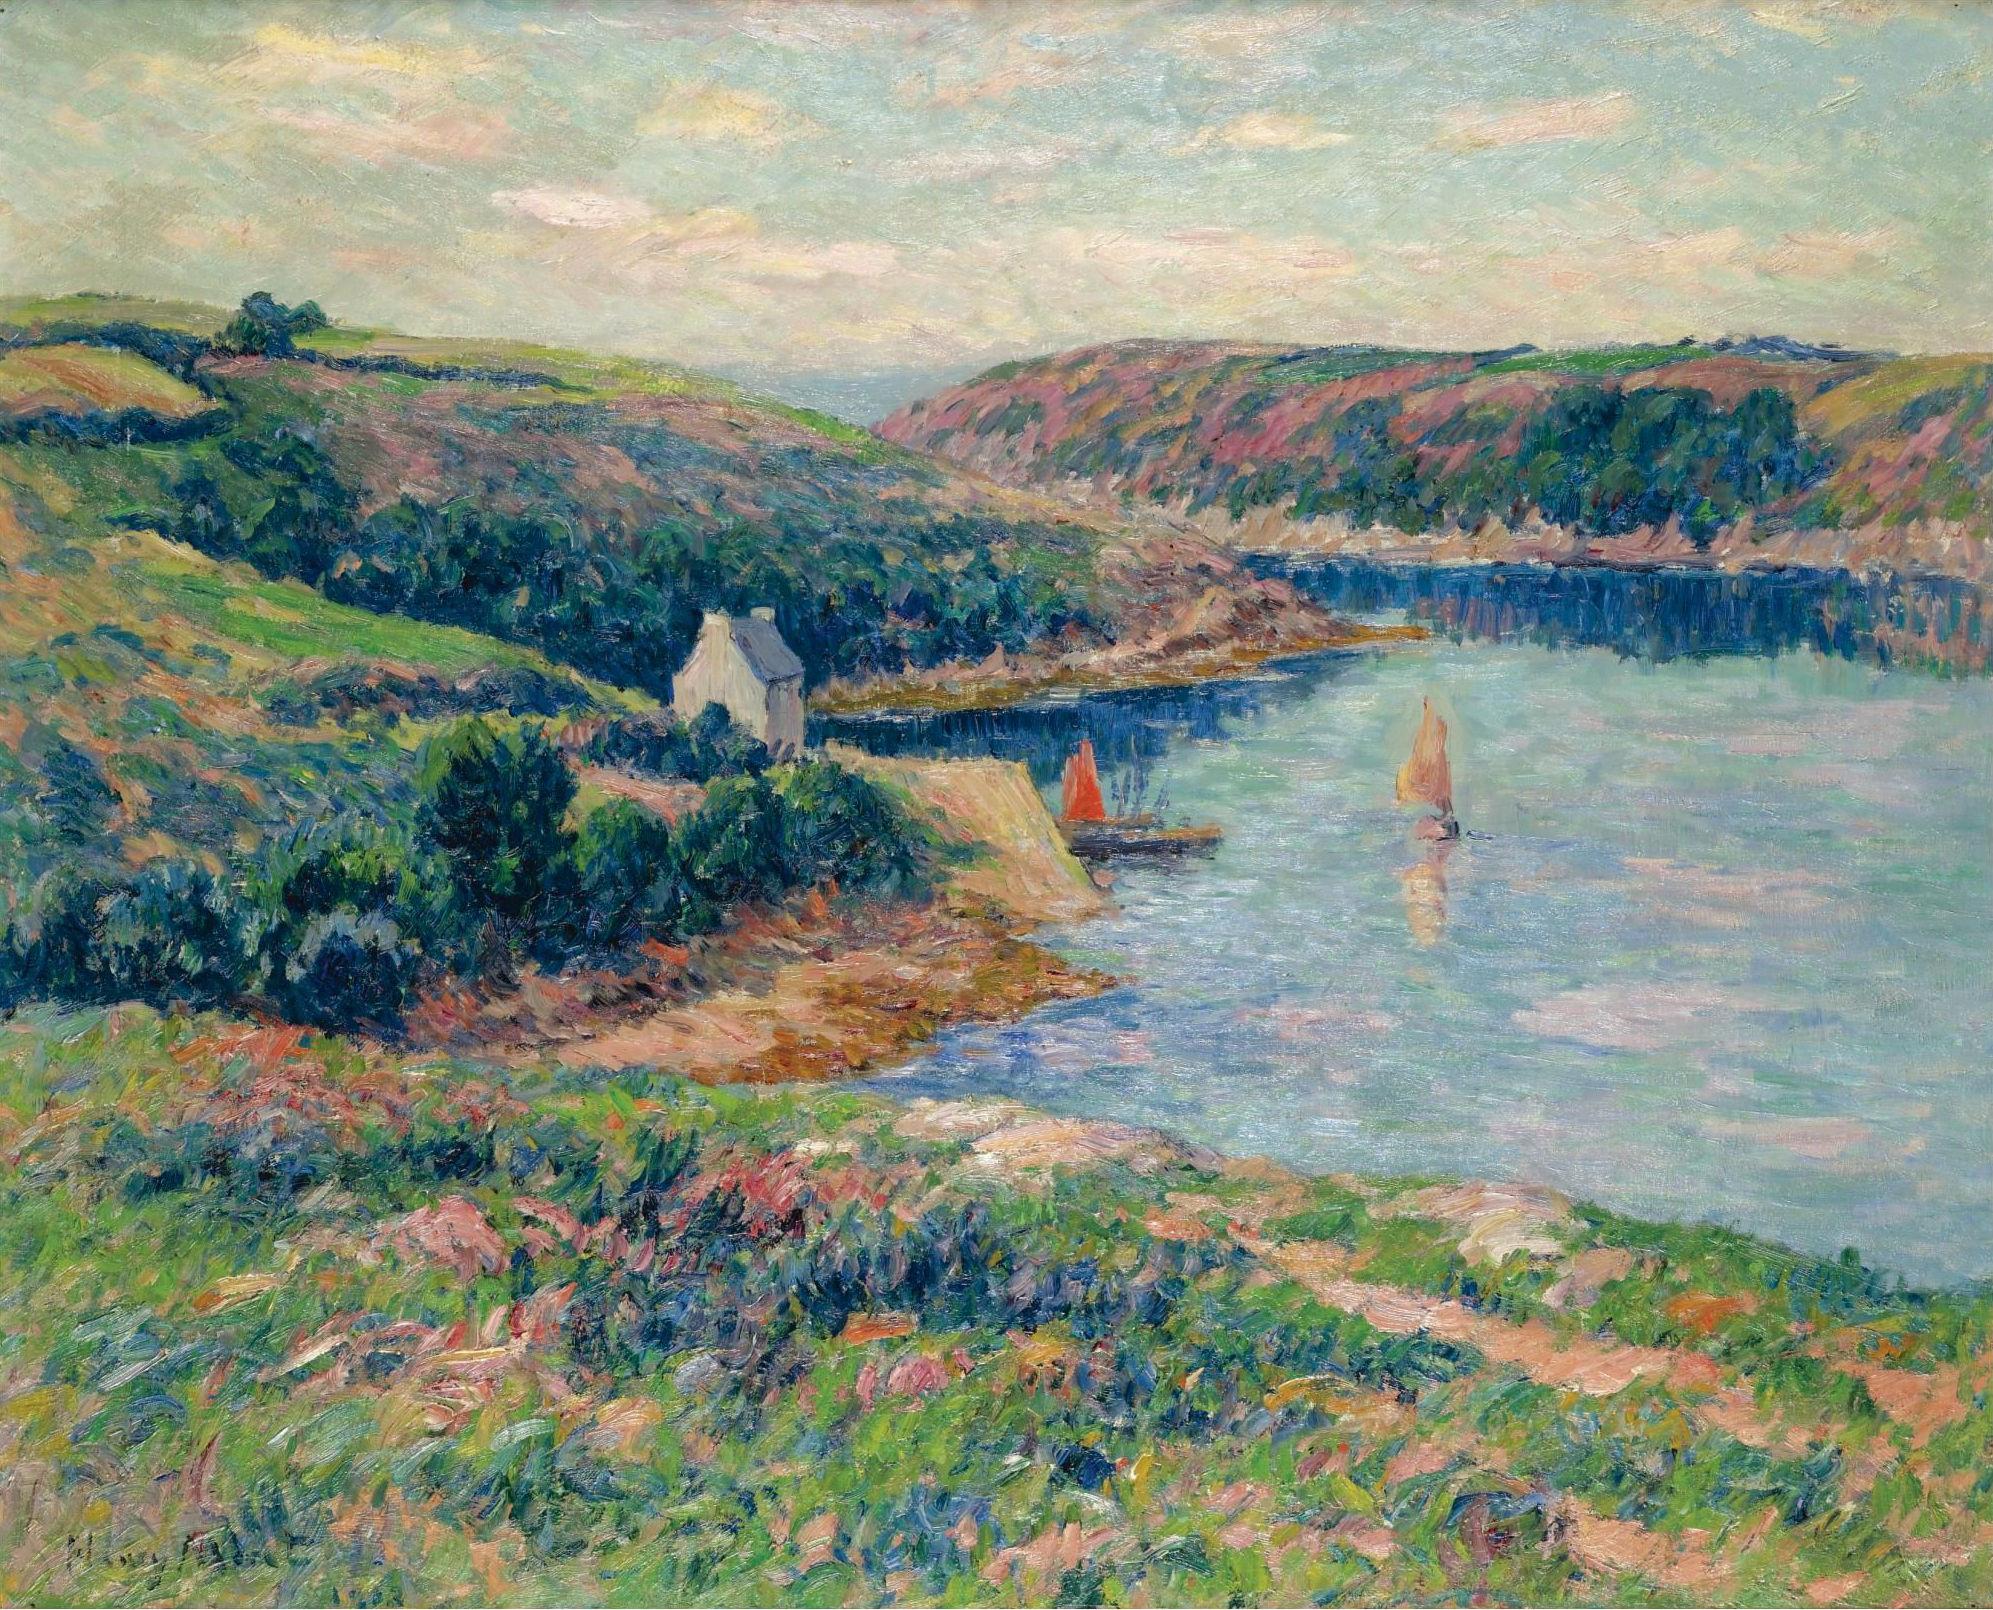 Impressionist / Neoimpressionist Art-Sotheby`s Auction Lots часть №2. (528  работ) (1 часть) » Страница 14 » Картины, художники, фотографы на Nevsepic